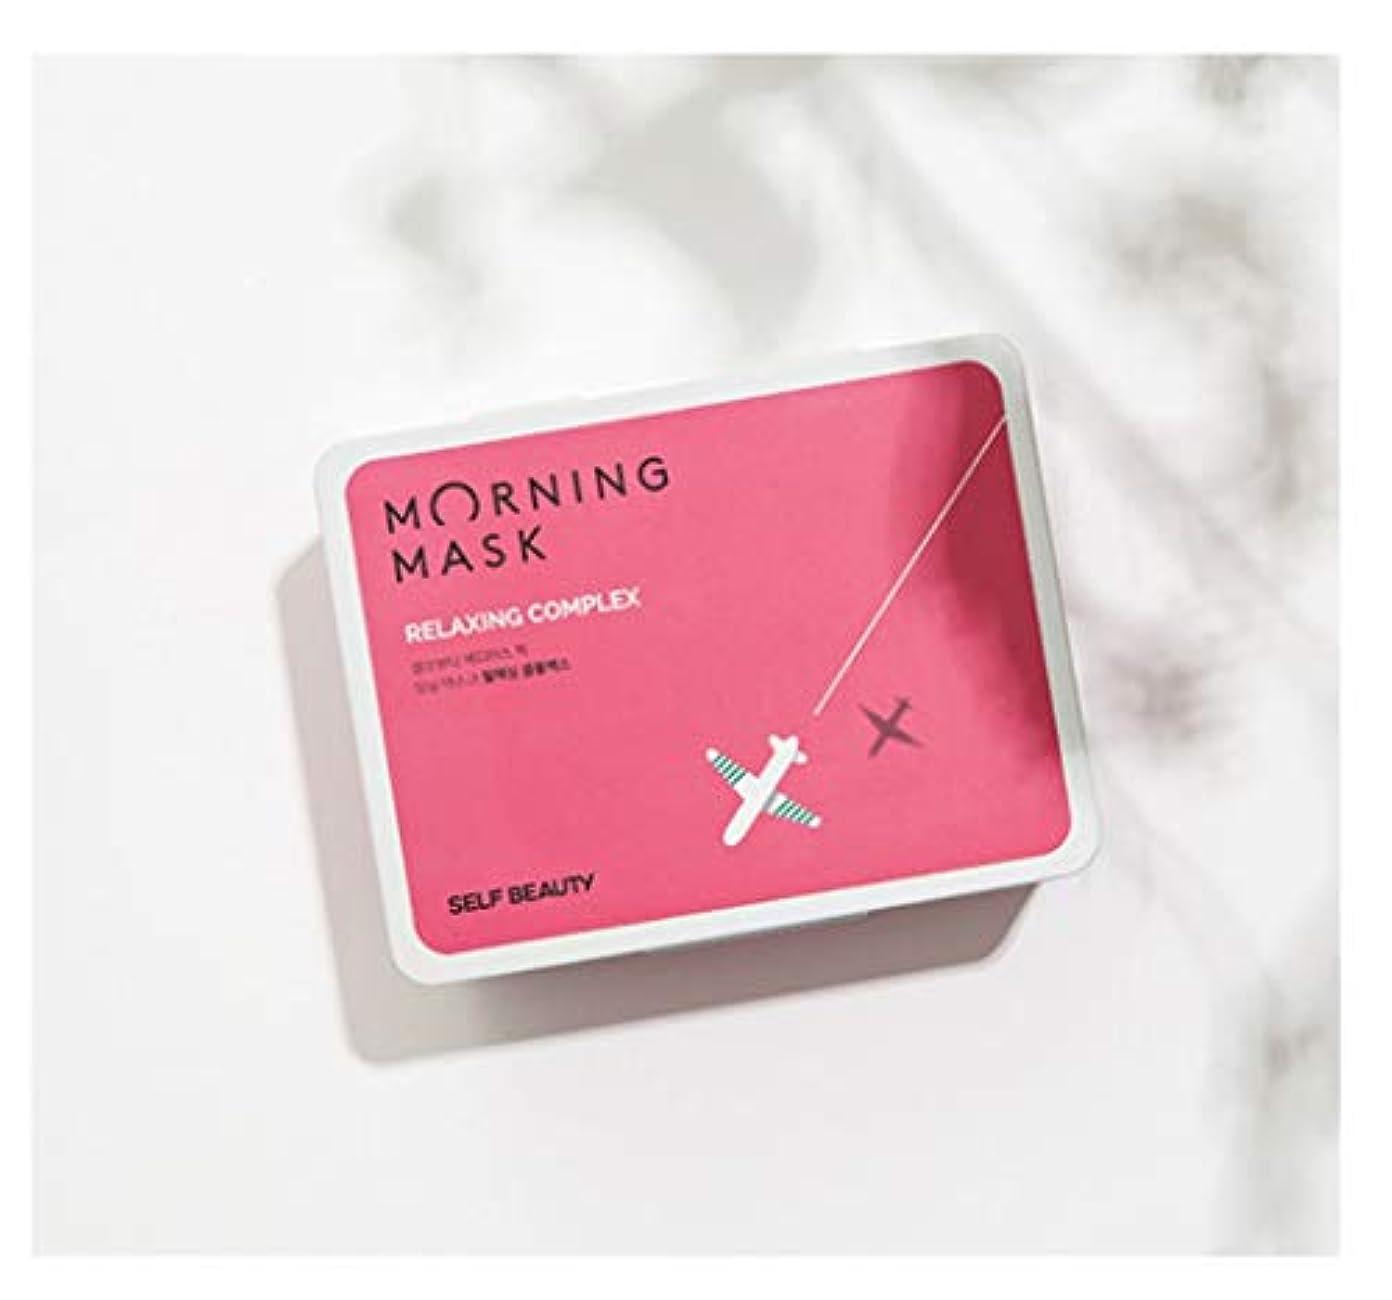 リスク感染する習字Self Beauty Morning Mask Relaxing Complex 1Box/30Sheetメイクアップの前にモーニングマスク、疲れた肌のための鎮静ケア(海外直送)